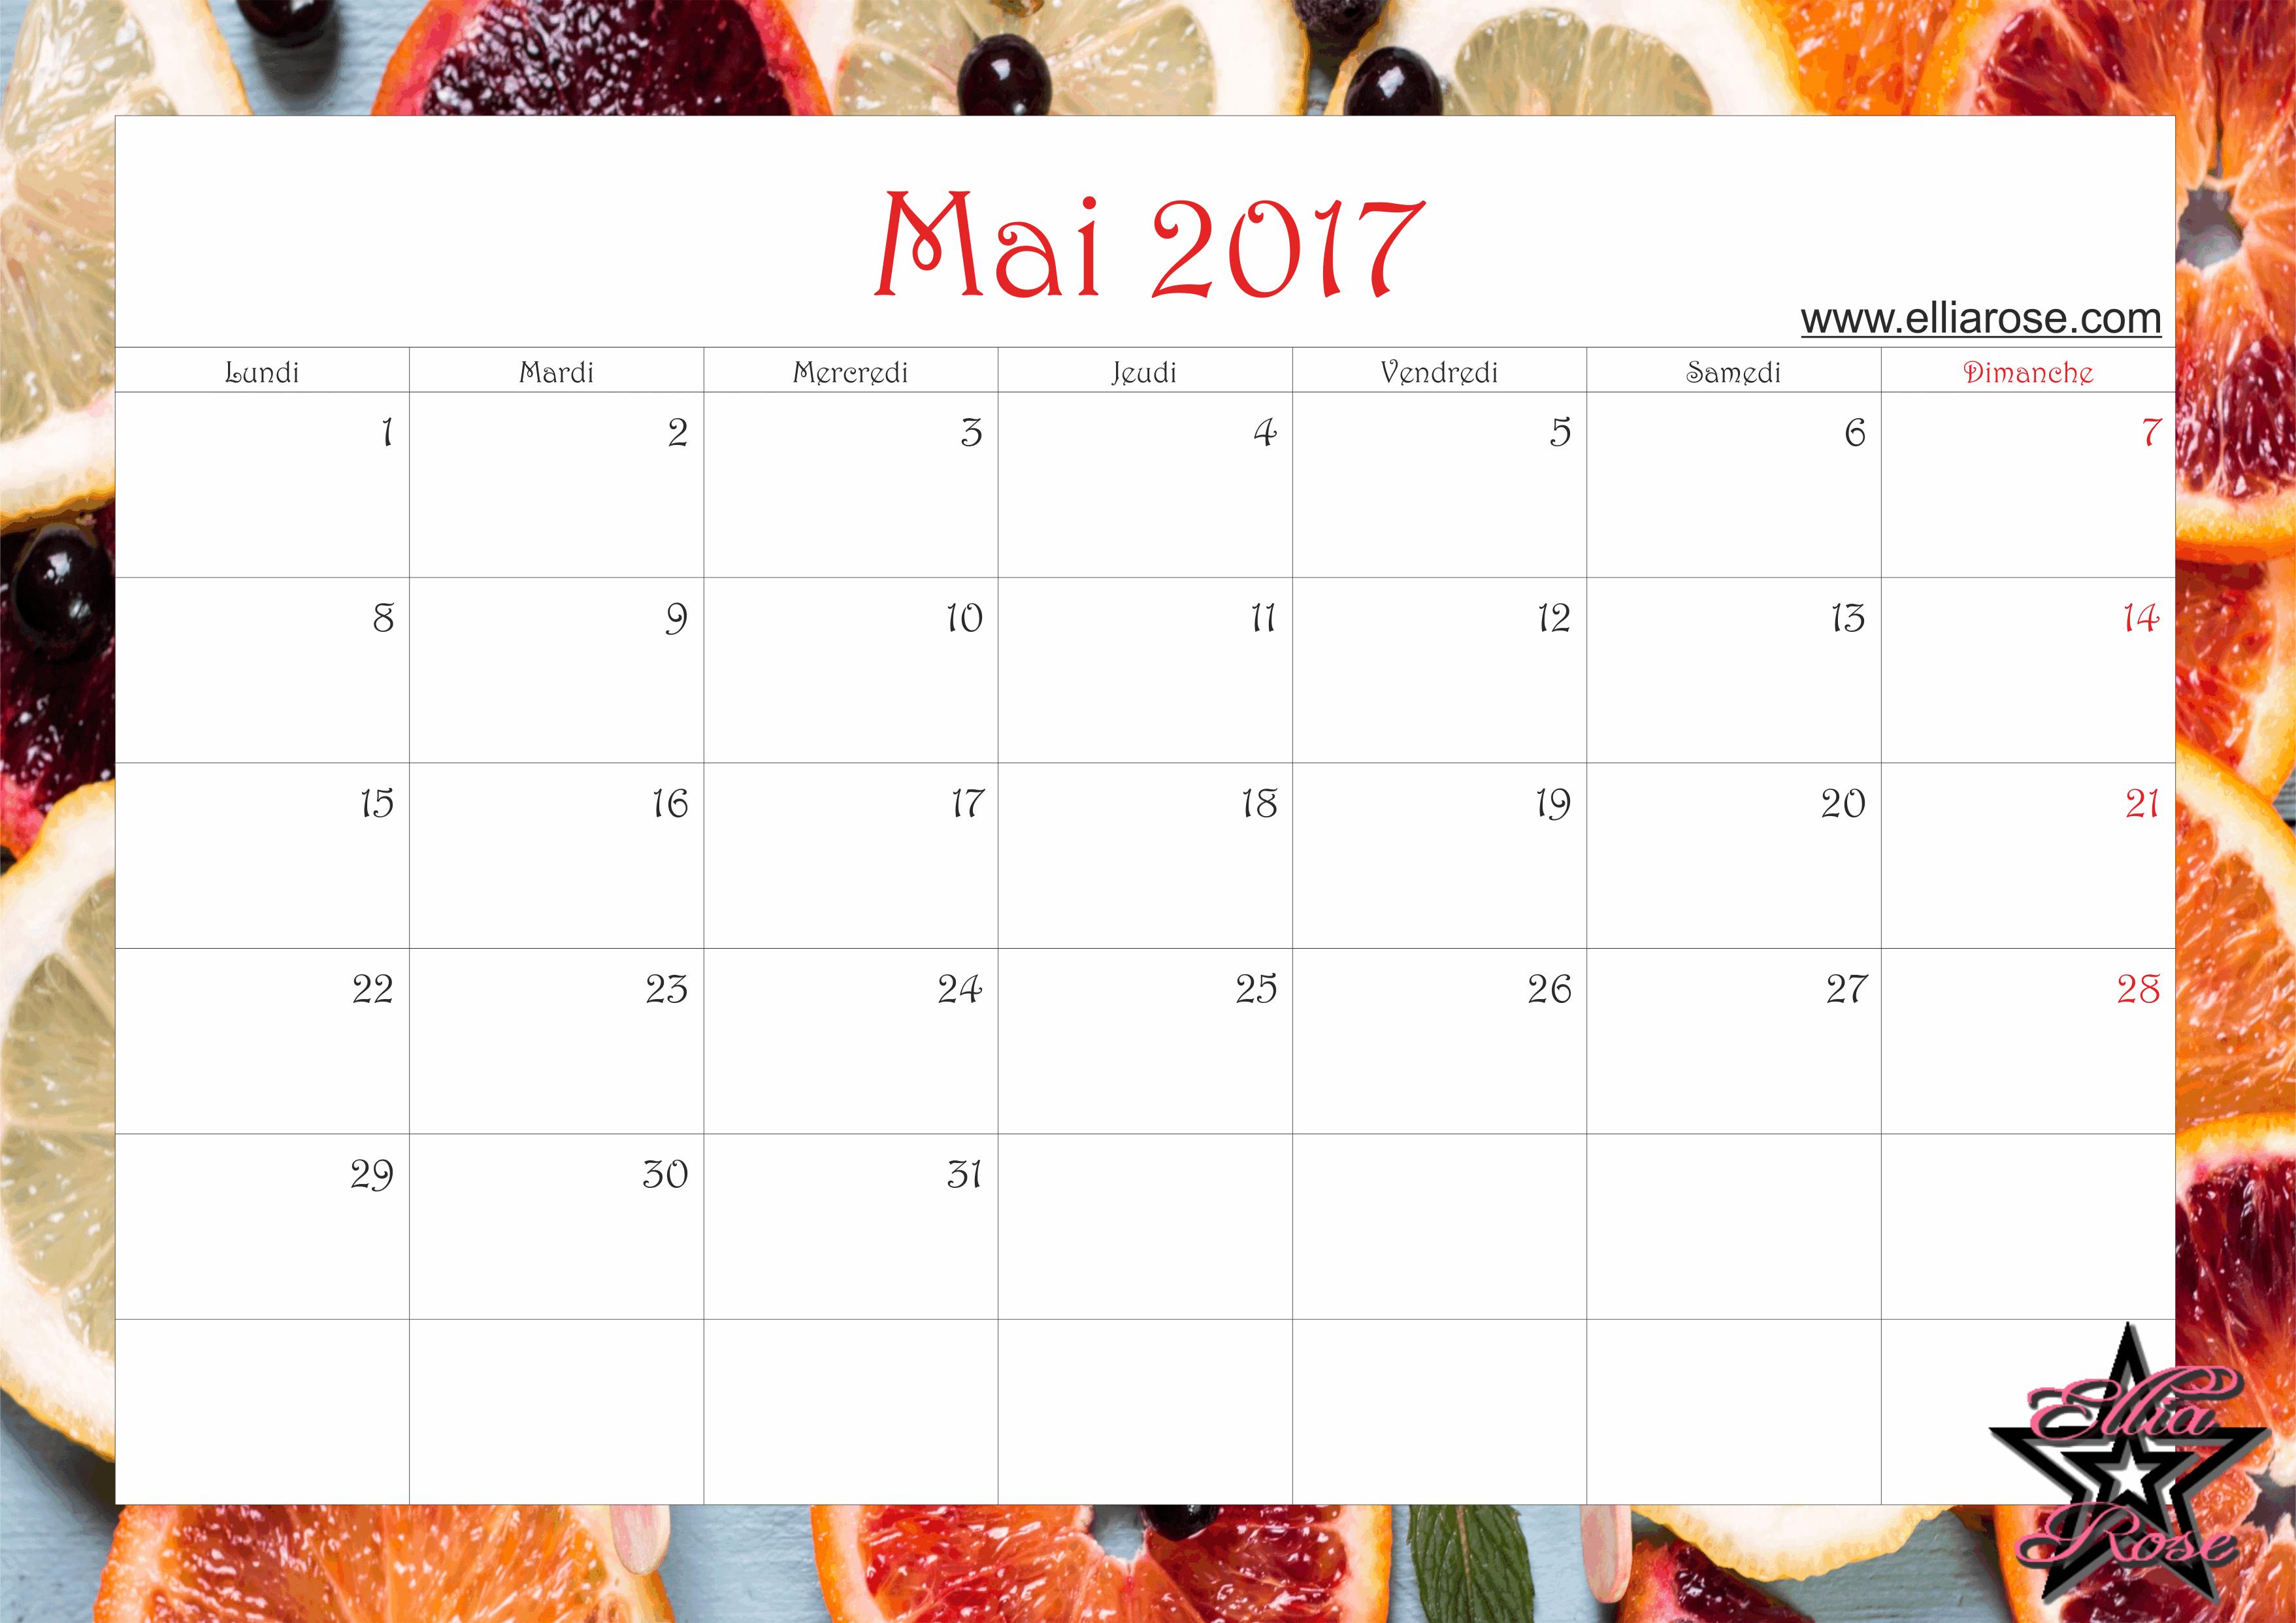 Calendrier gratuit imprimer agrumes 2017 ellia rose - Calendrier du mois de juin 2017 ...